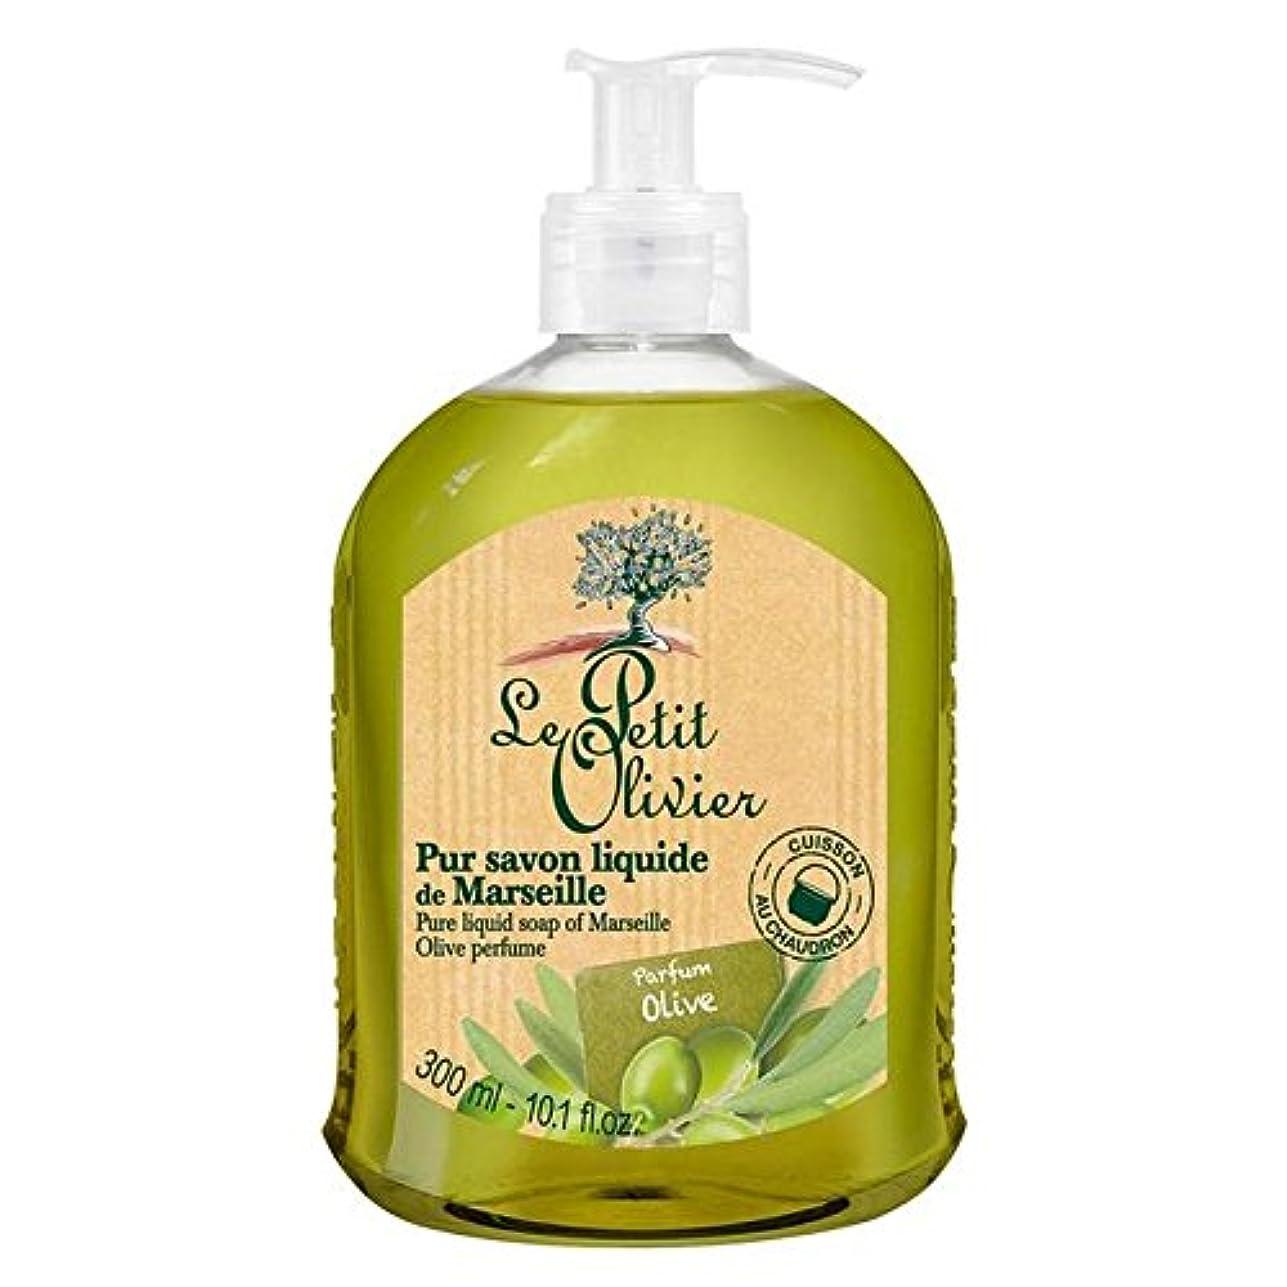 平行迷信でるLe Petit Olivier Pure Liquid Soap of Marseille, Olive Oil 300ml (Pack of 6) - マルセイユのル?プティ?オリヴィエ純粋な液体石鹸、オリーブオイル...